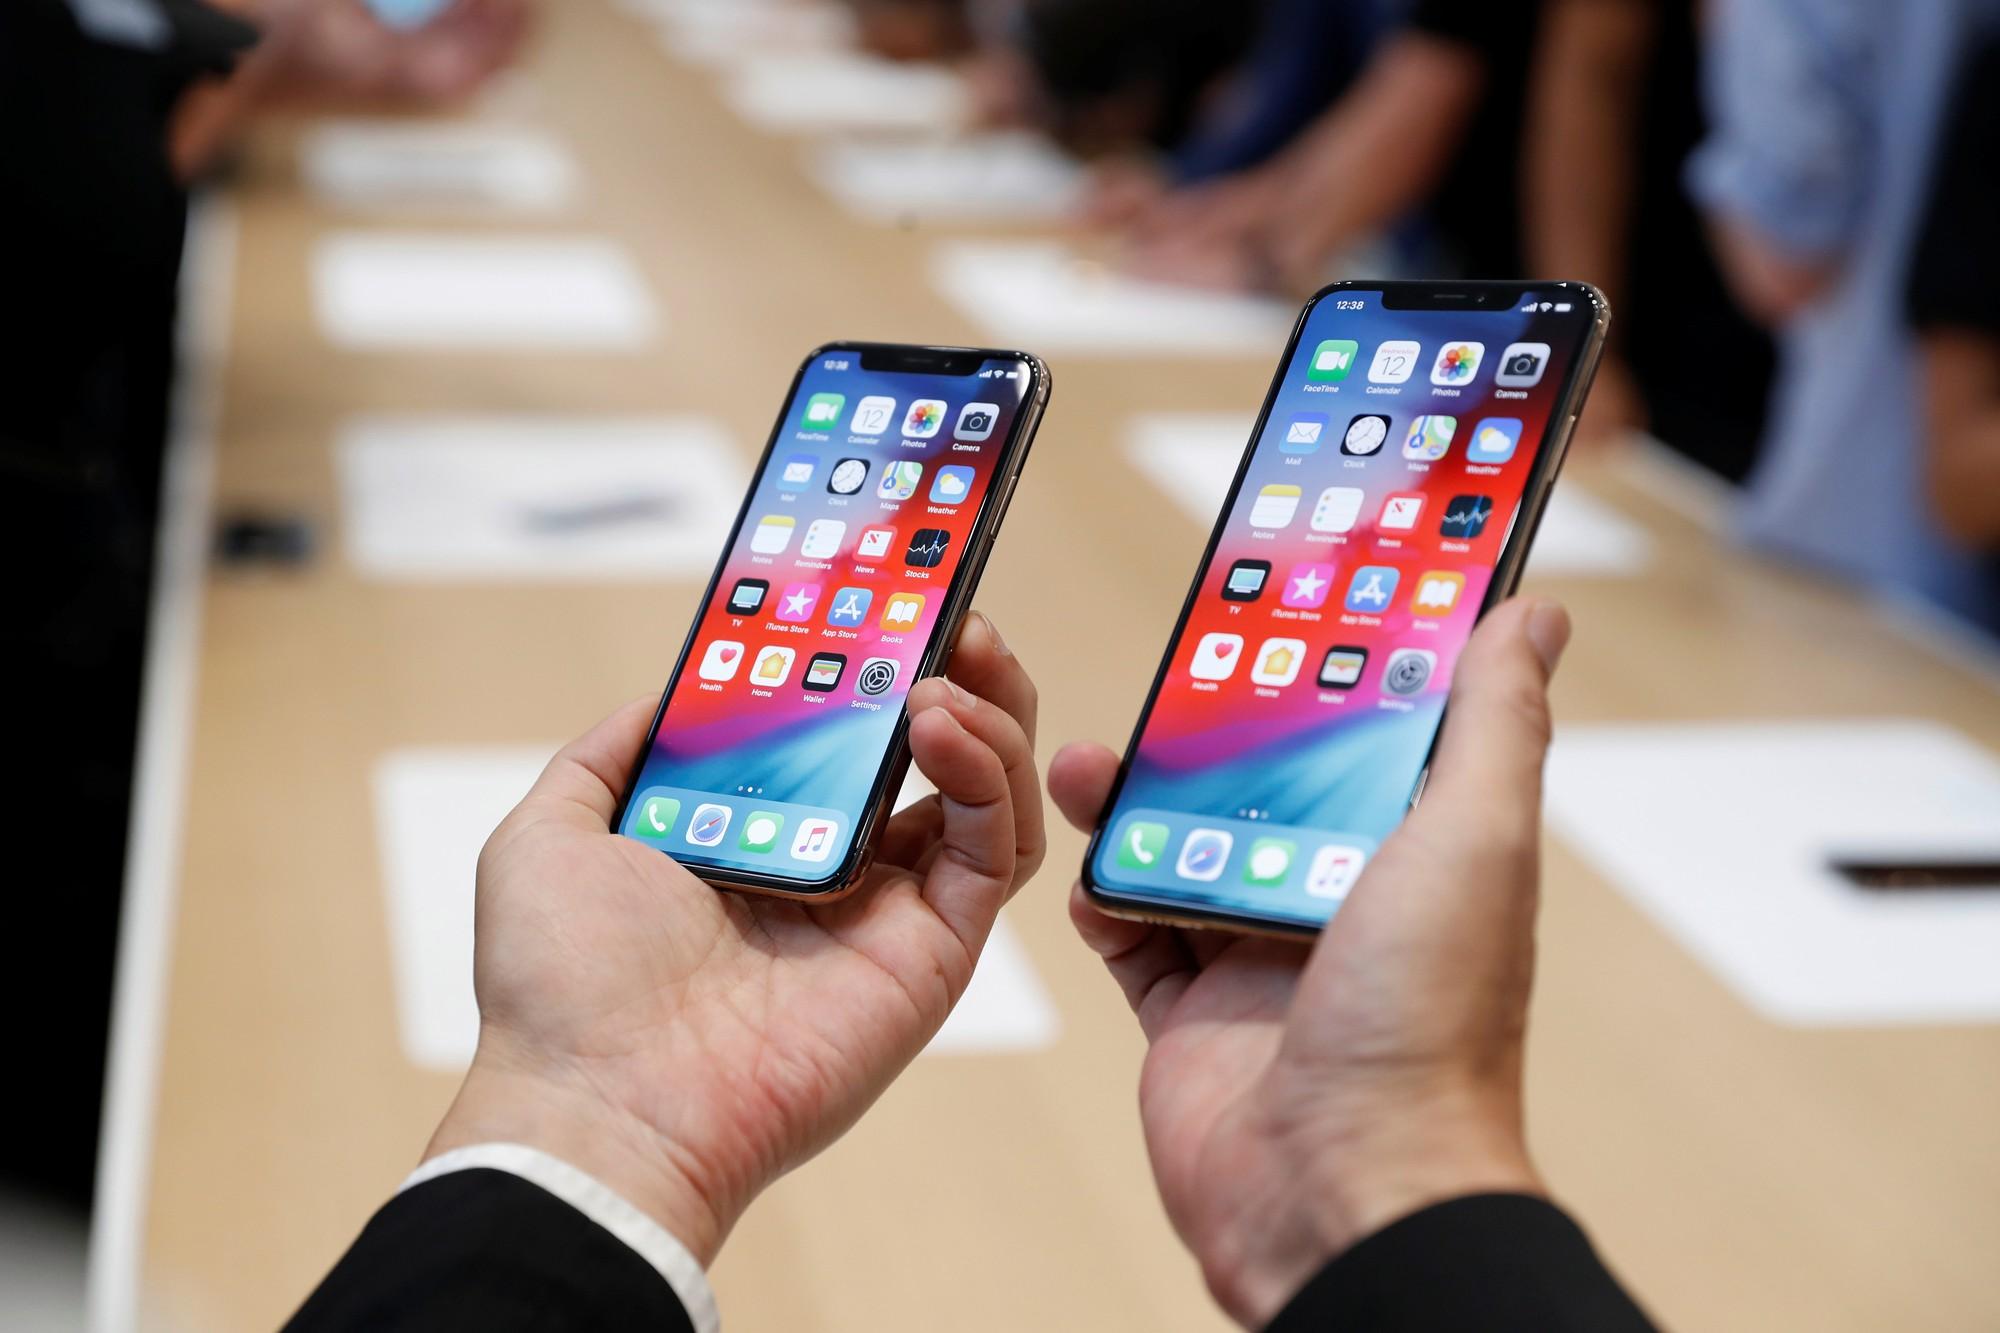 iPhone XI Max sẽ có màn siêu to khổng lồ: Gần bằng máy tính bảng, chị em khó mà cầm một tay - Ảnh 1.